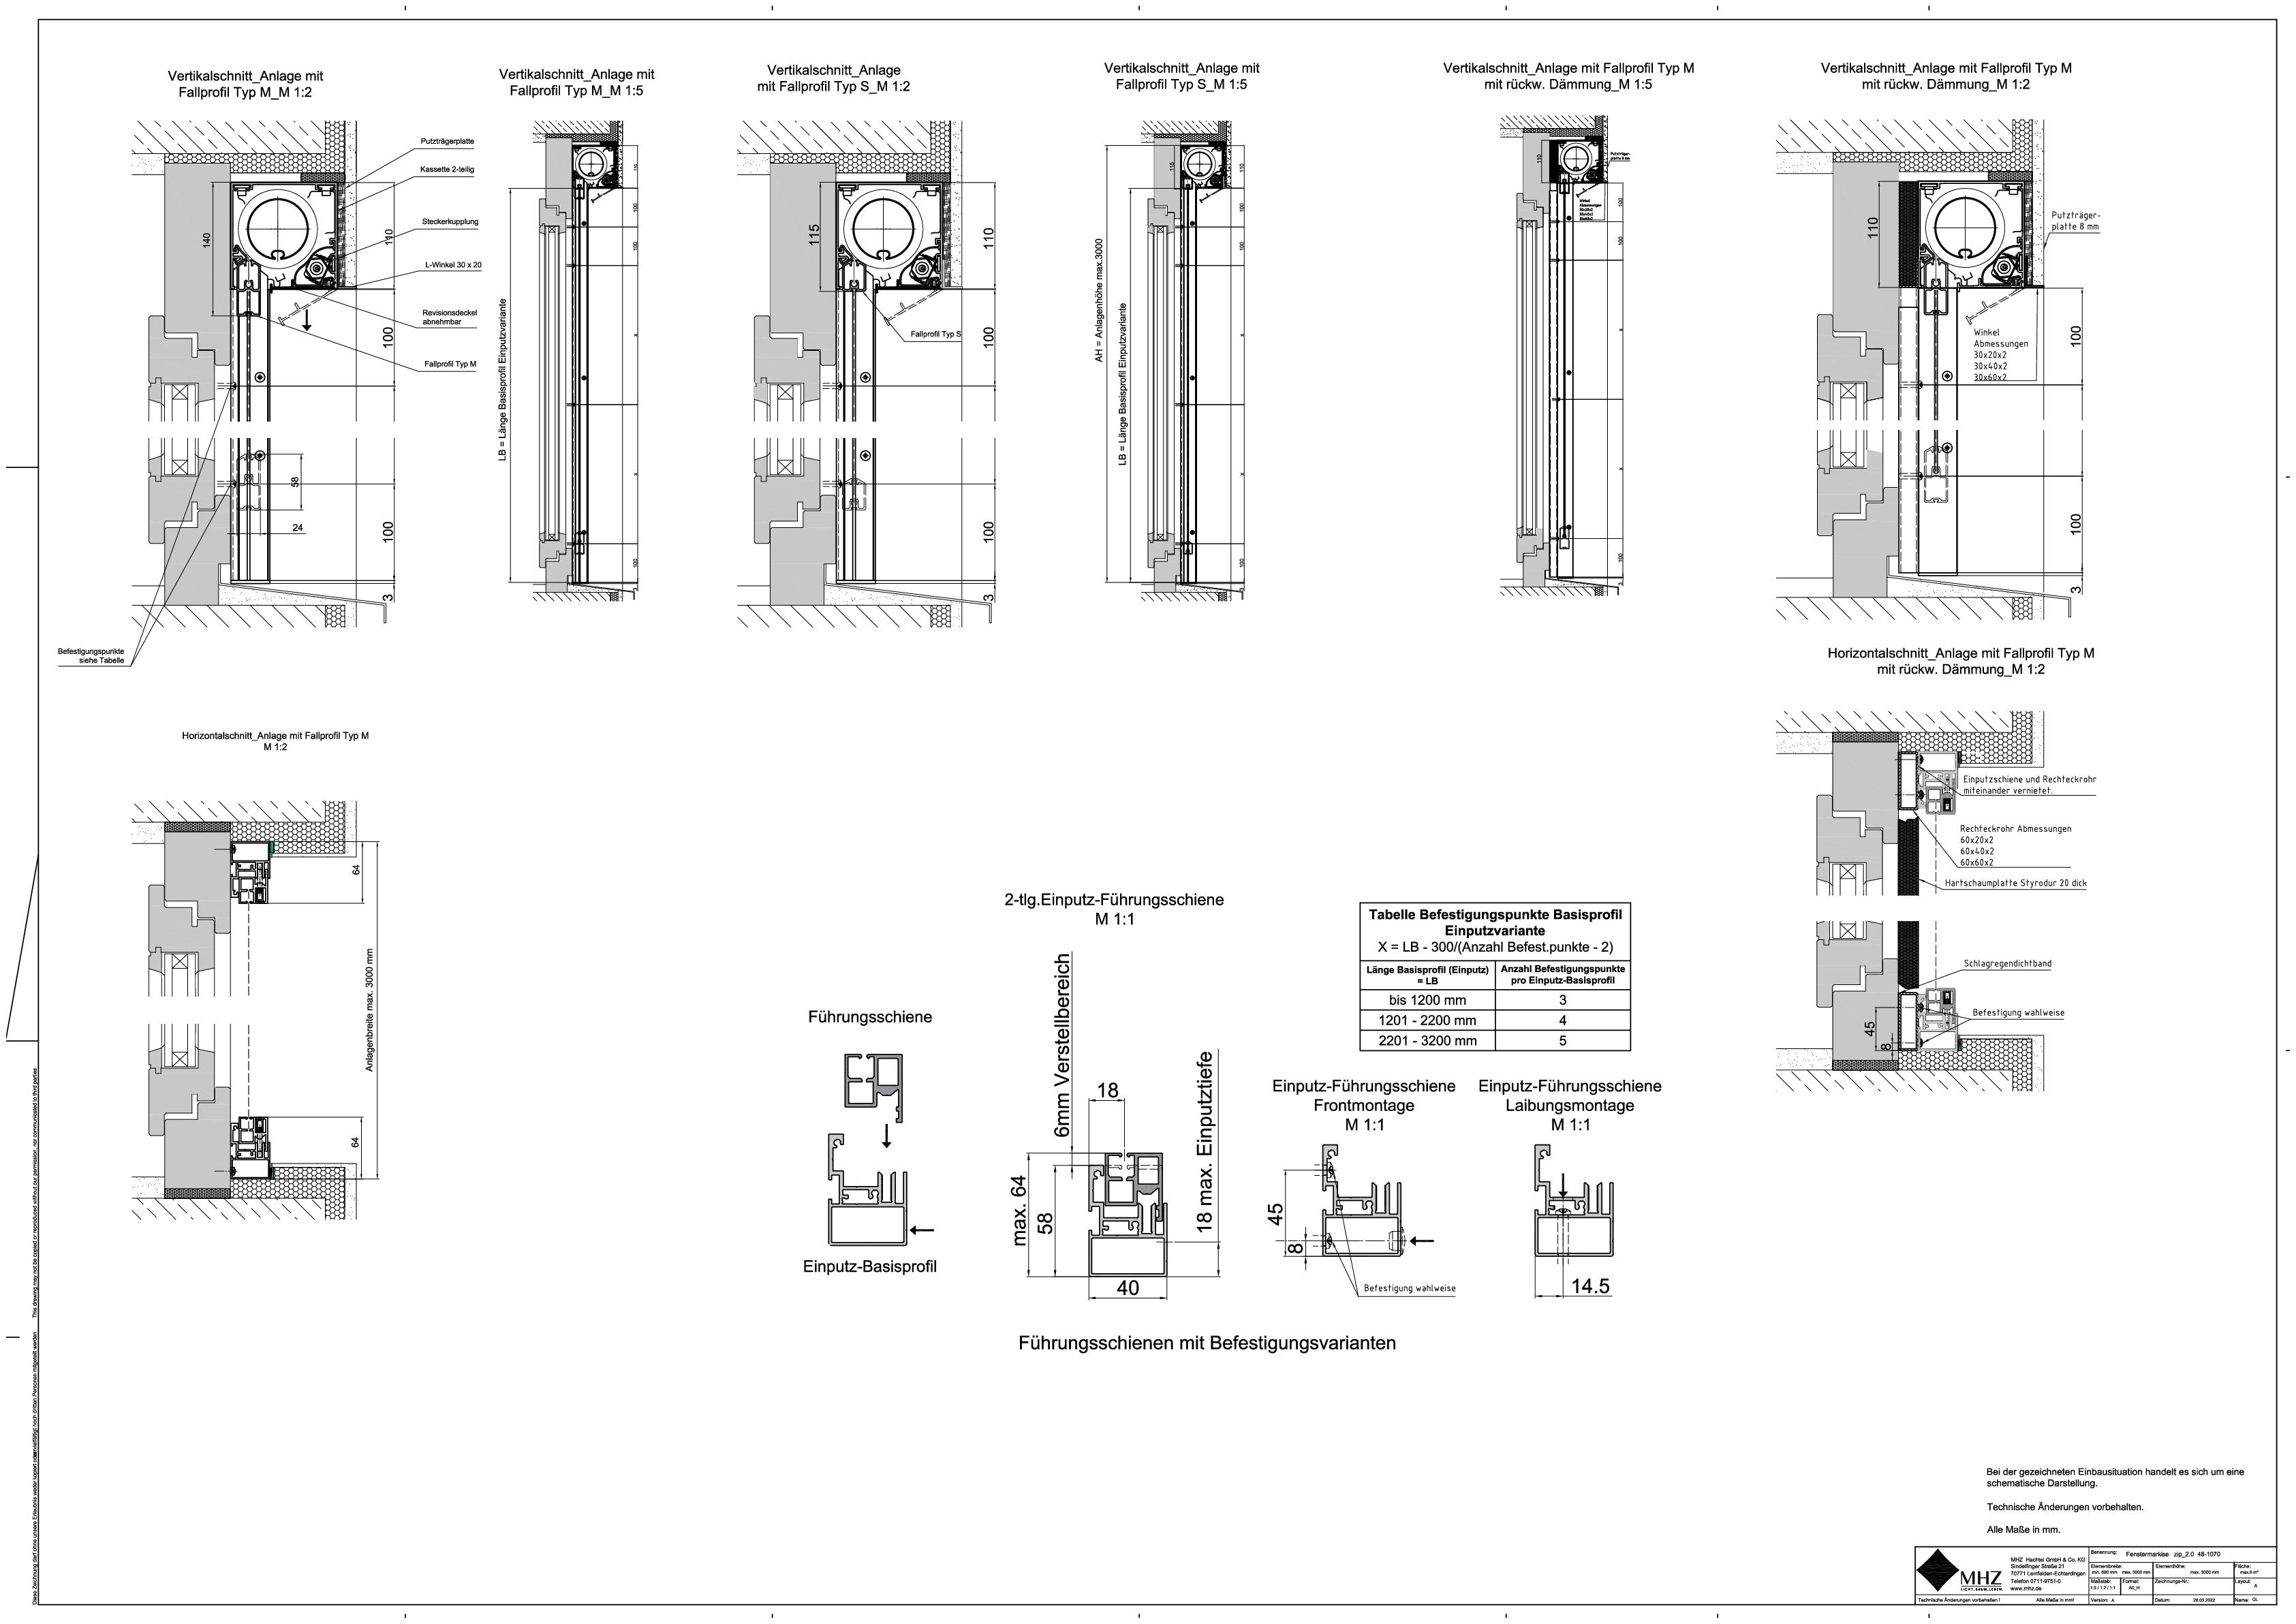 Technische Zeichnung pdf Fenstermarkisen zip_2.0 48-1070